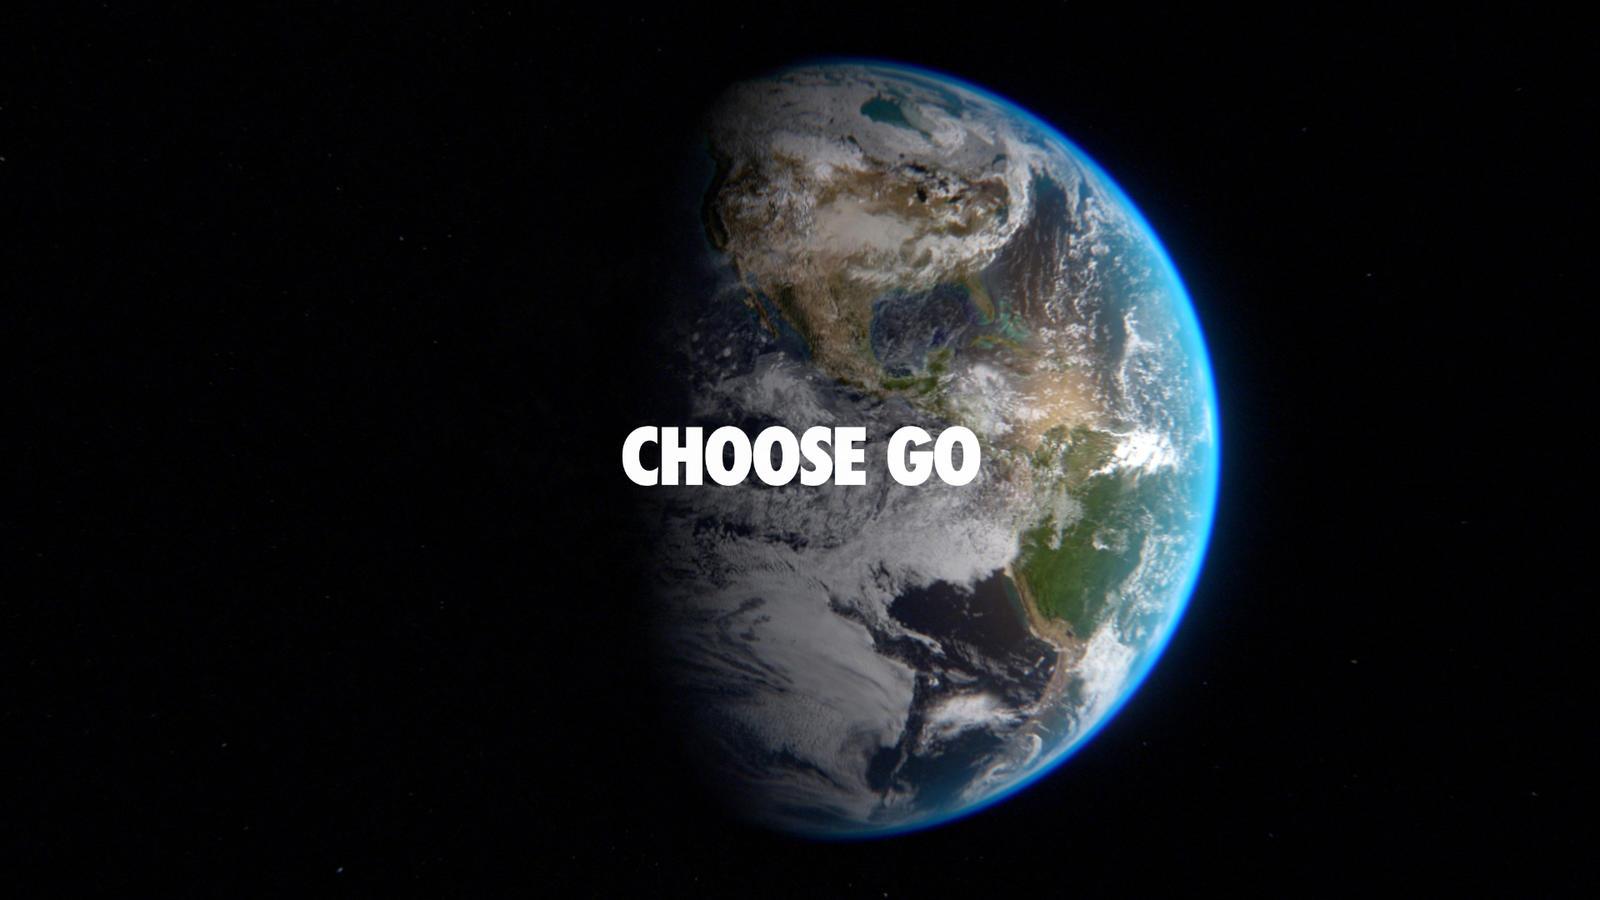 Nike choose go 01 hd 1600